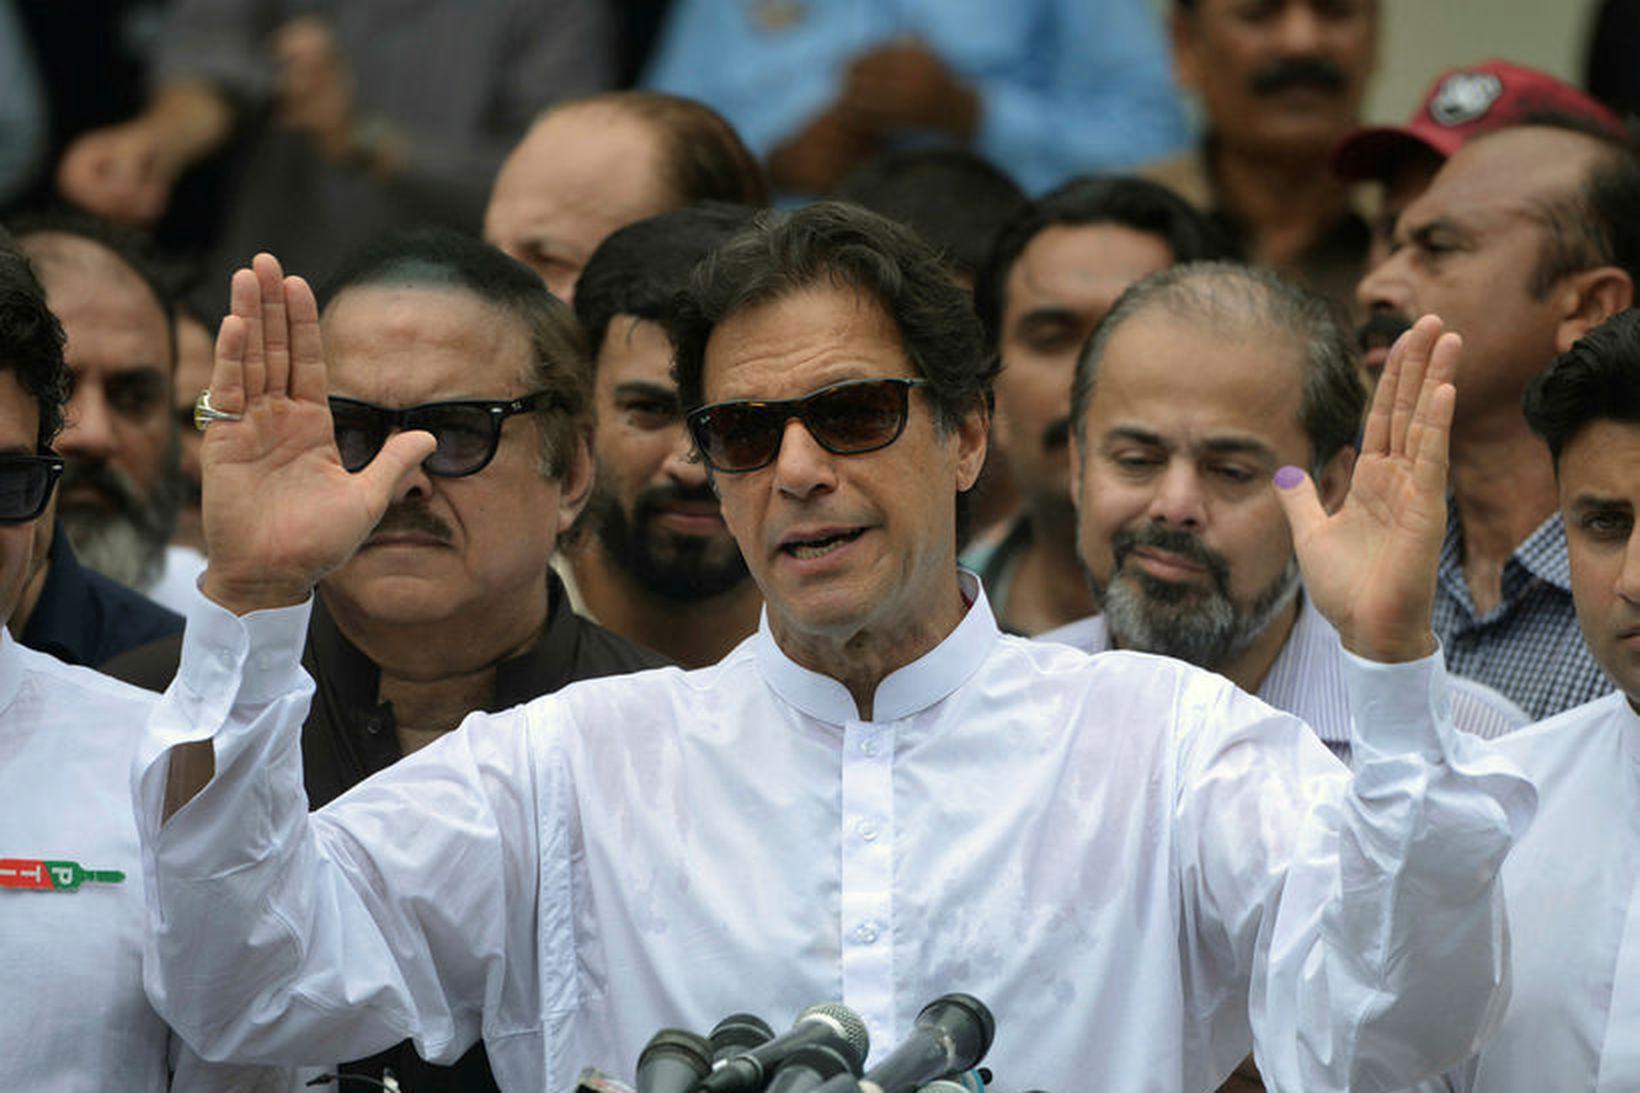 Imran Khan, forsætisráðherra Pakistans.